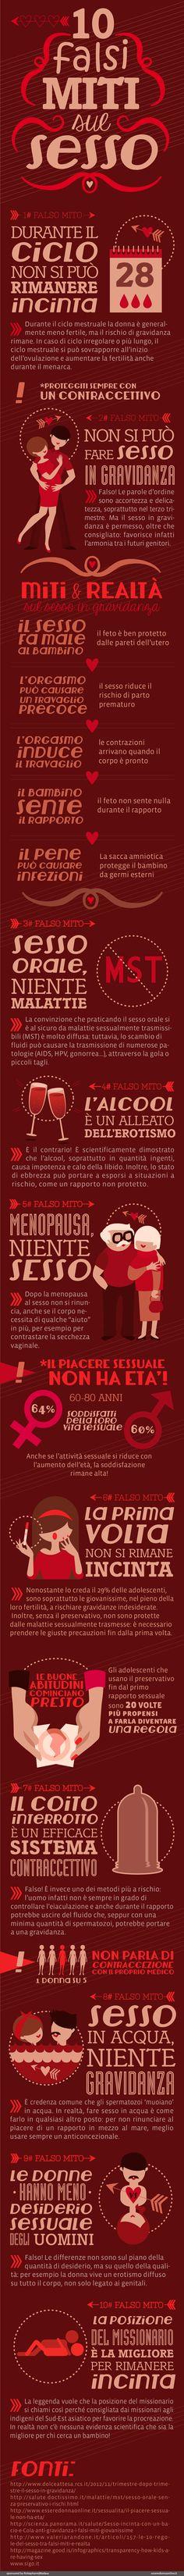 falsi miti sul sesso infografica realizzata per esseredonnaonline.it- illustrated by Alice Kle Borghi, kleland.com